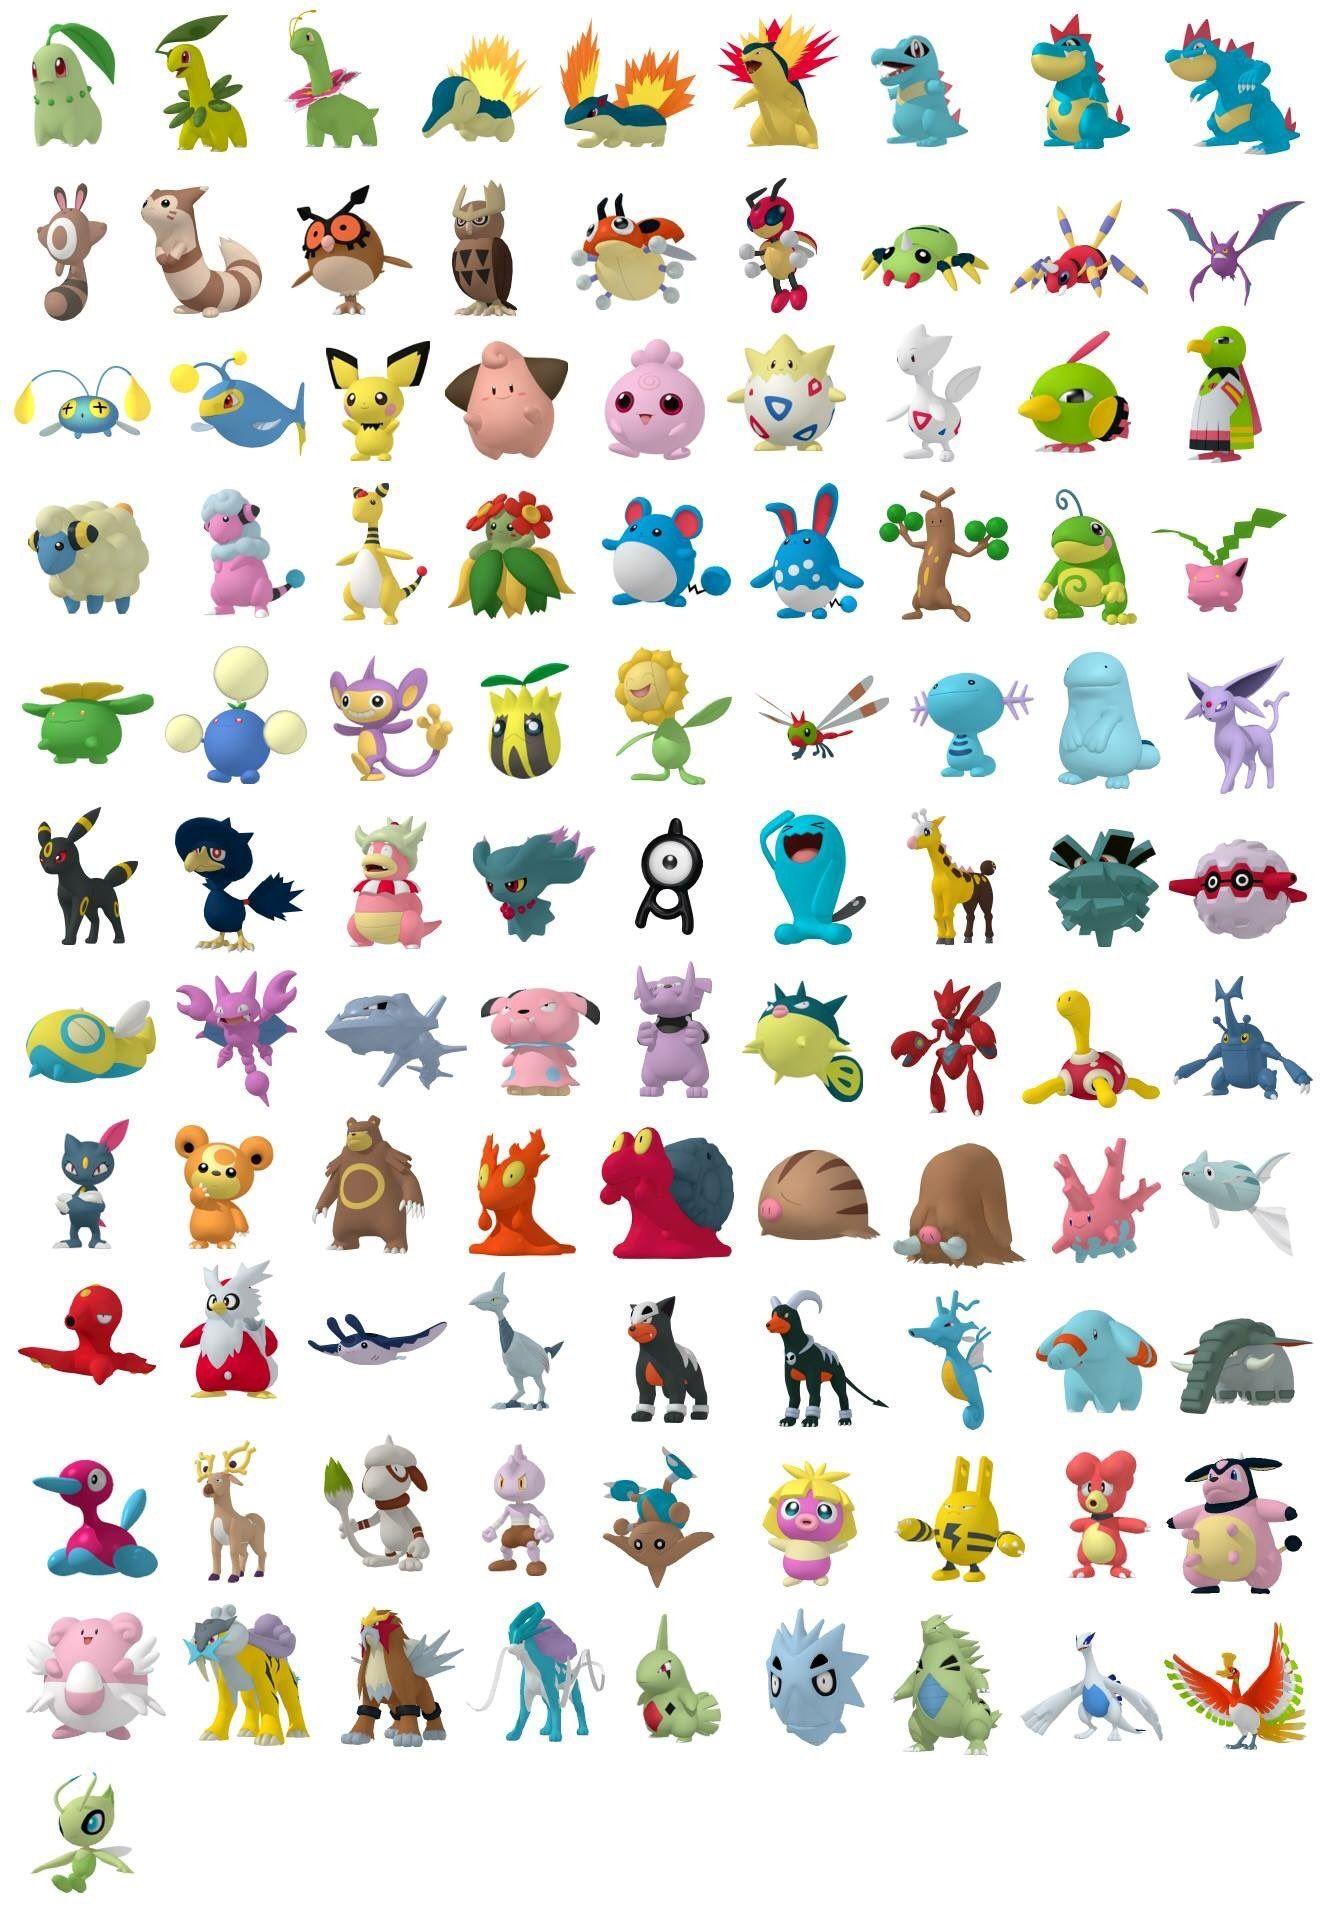 Segunda generación Pokémon Go. | Pokemon | Pokémon, Pokemon go ...